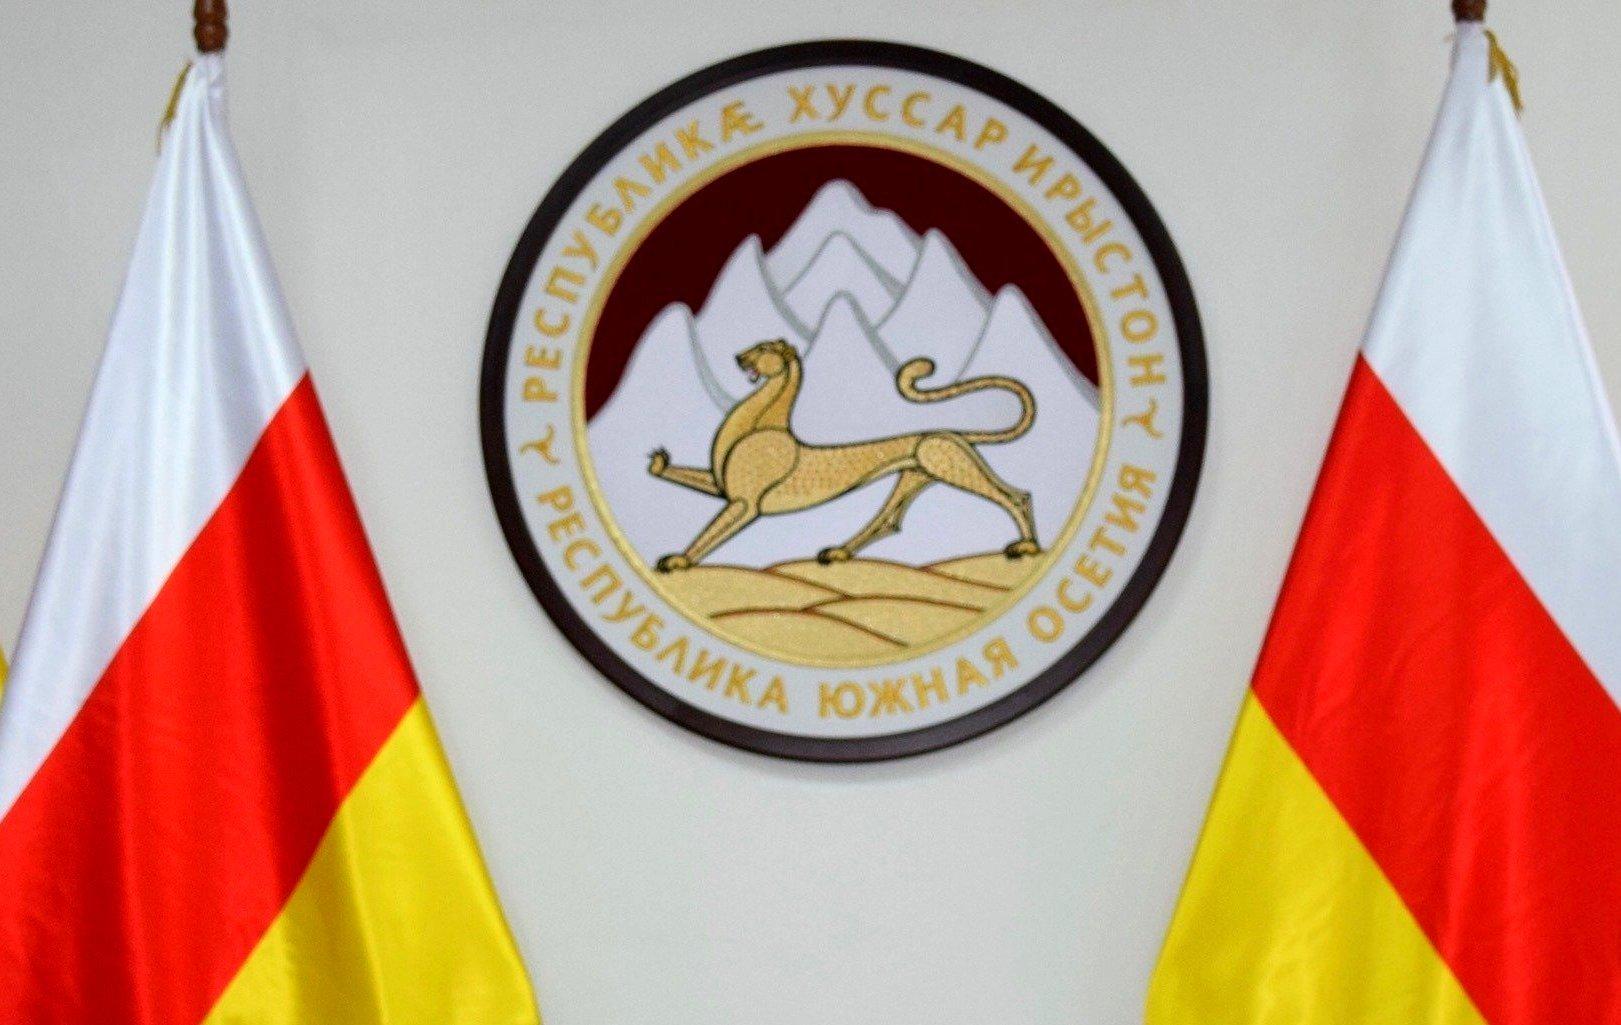 Информационное сообщение Посольства Республики Южная Осетия